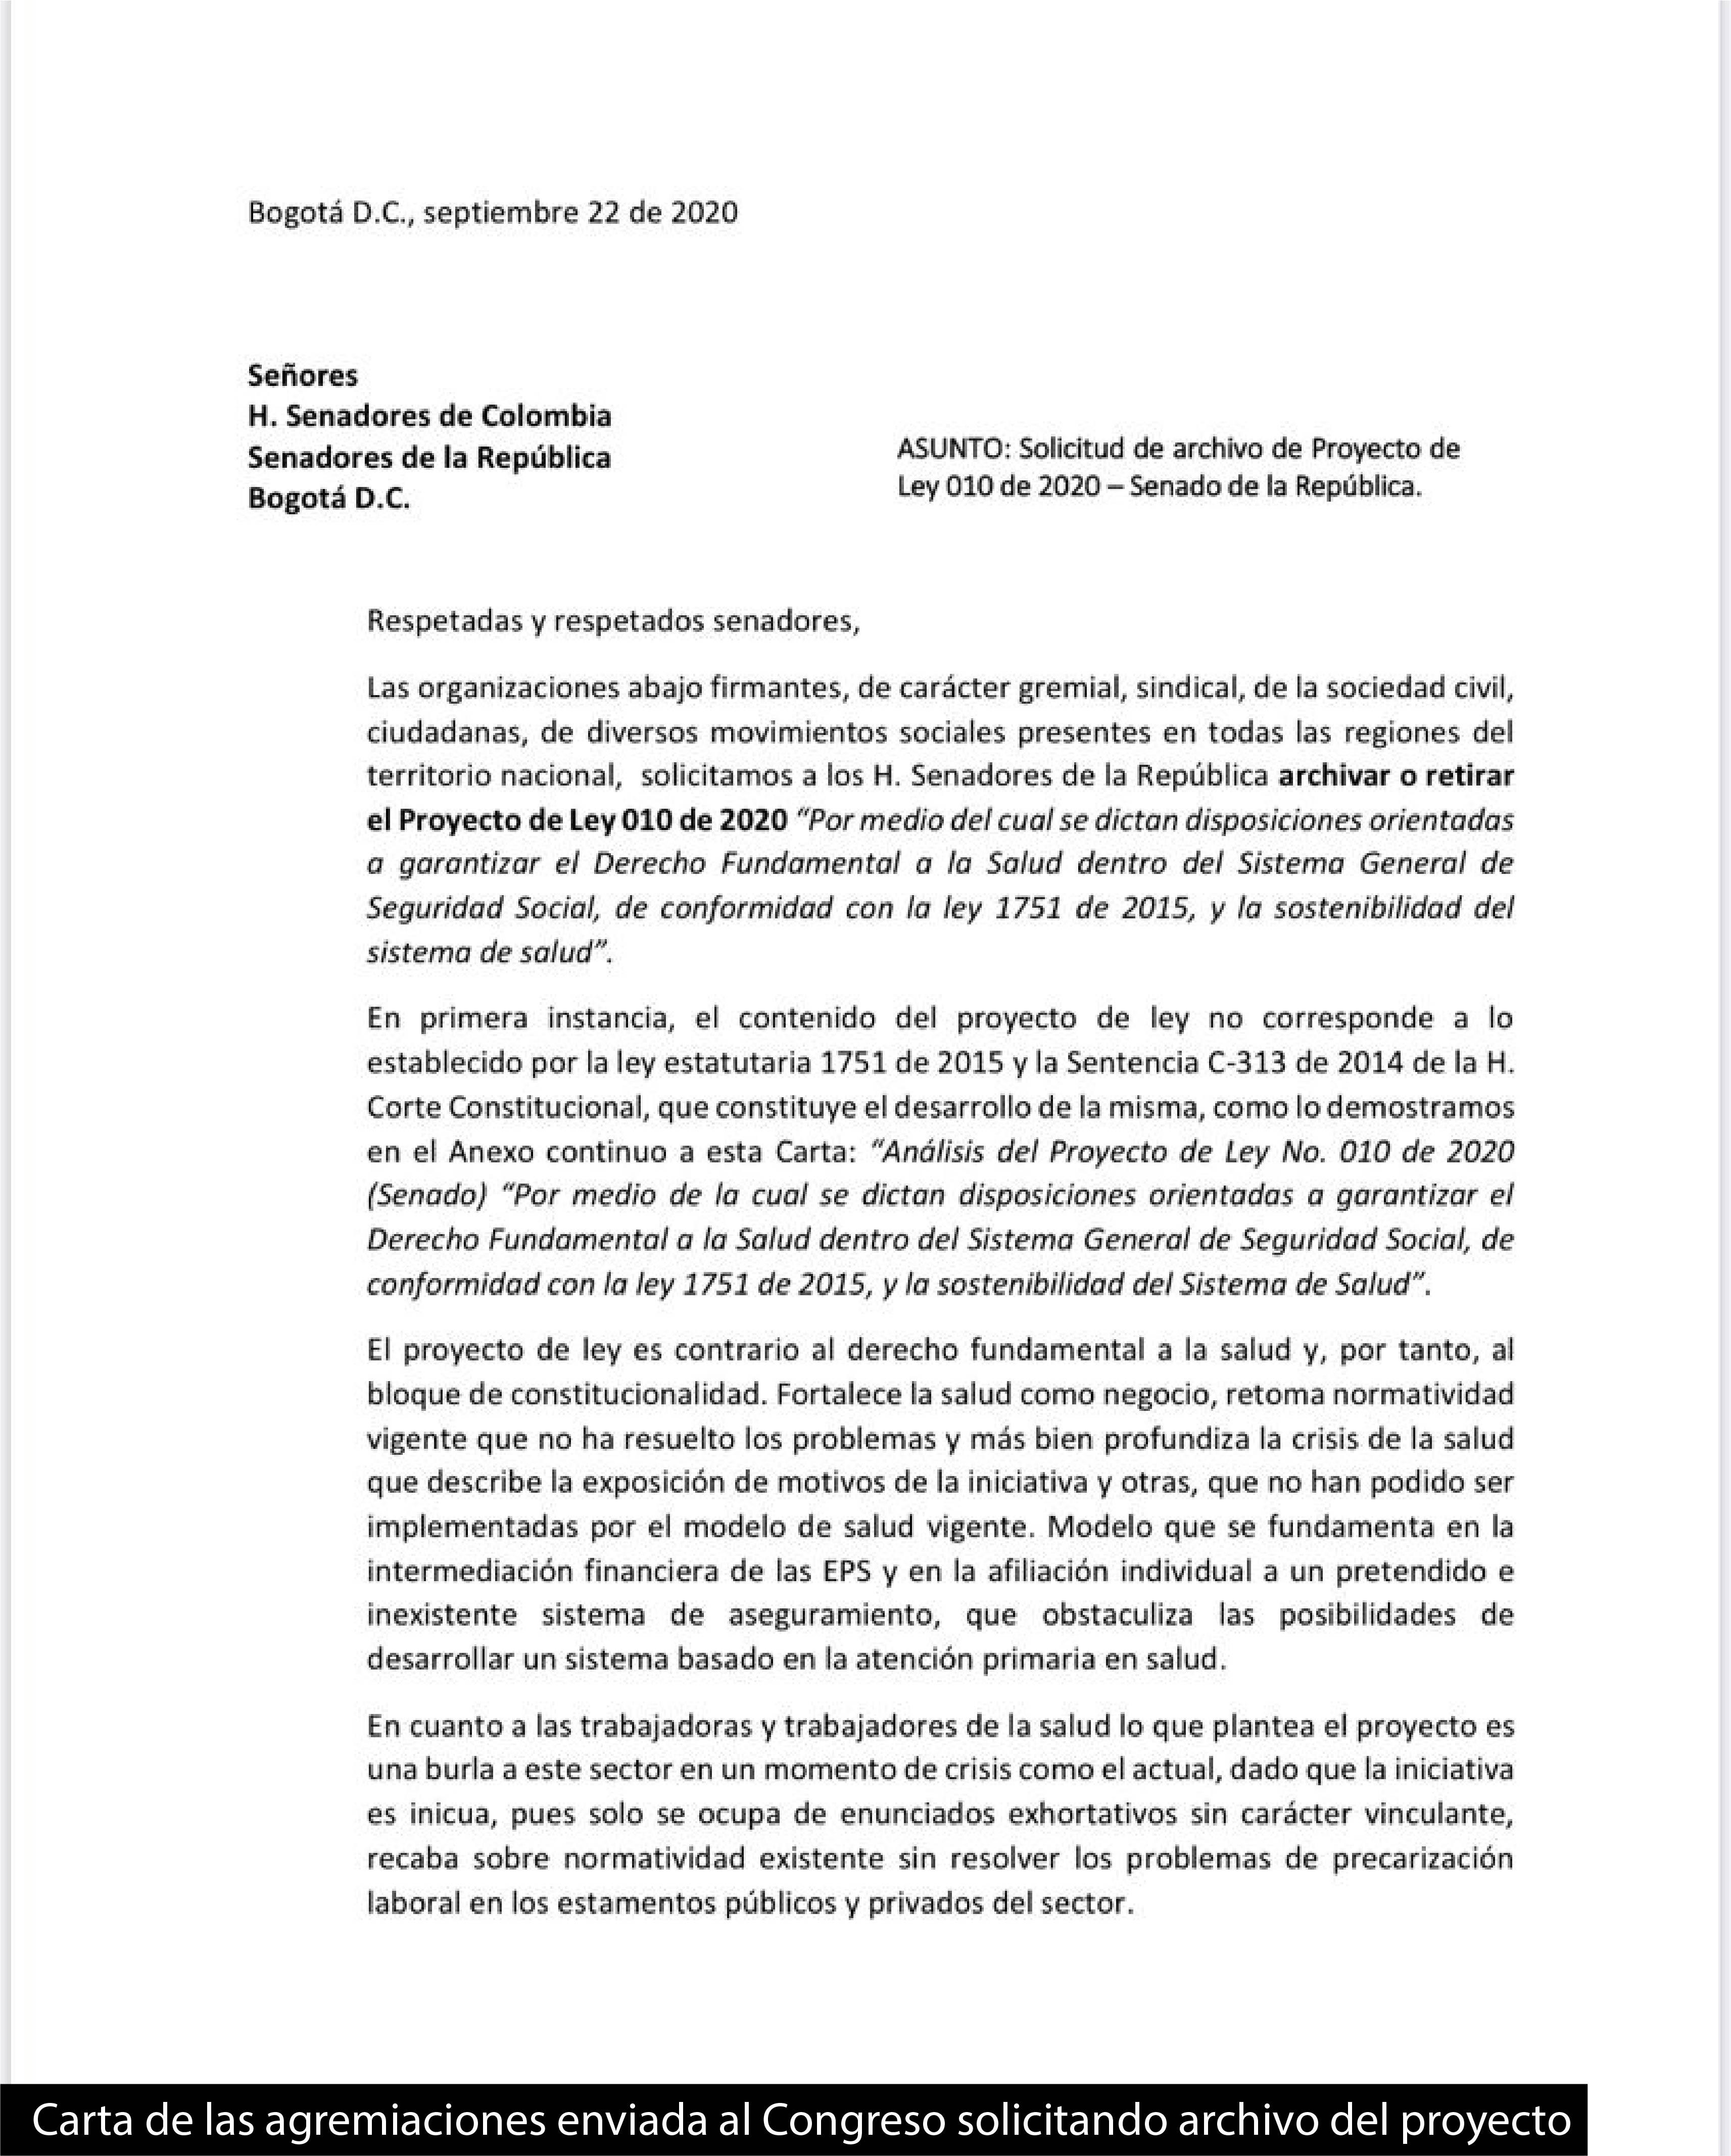 Carta de las agremiaciones